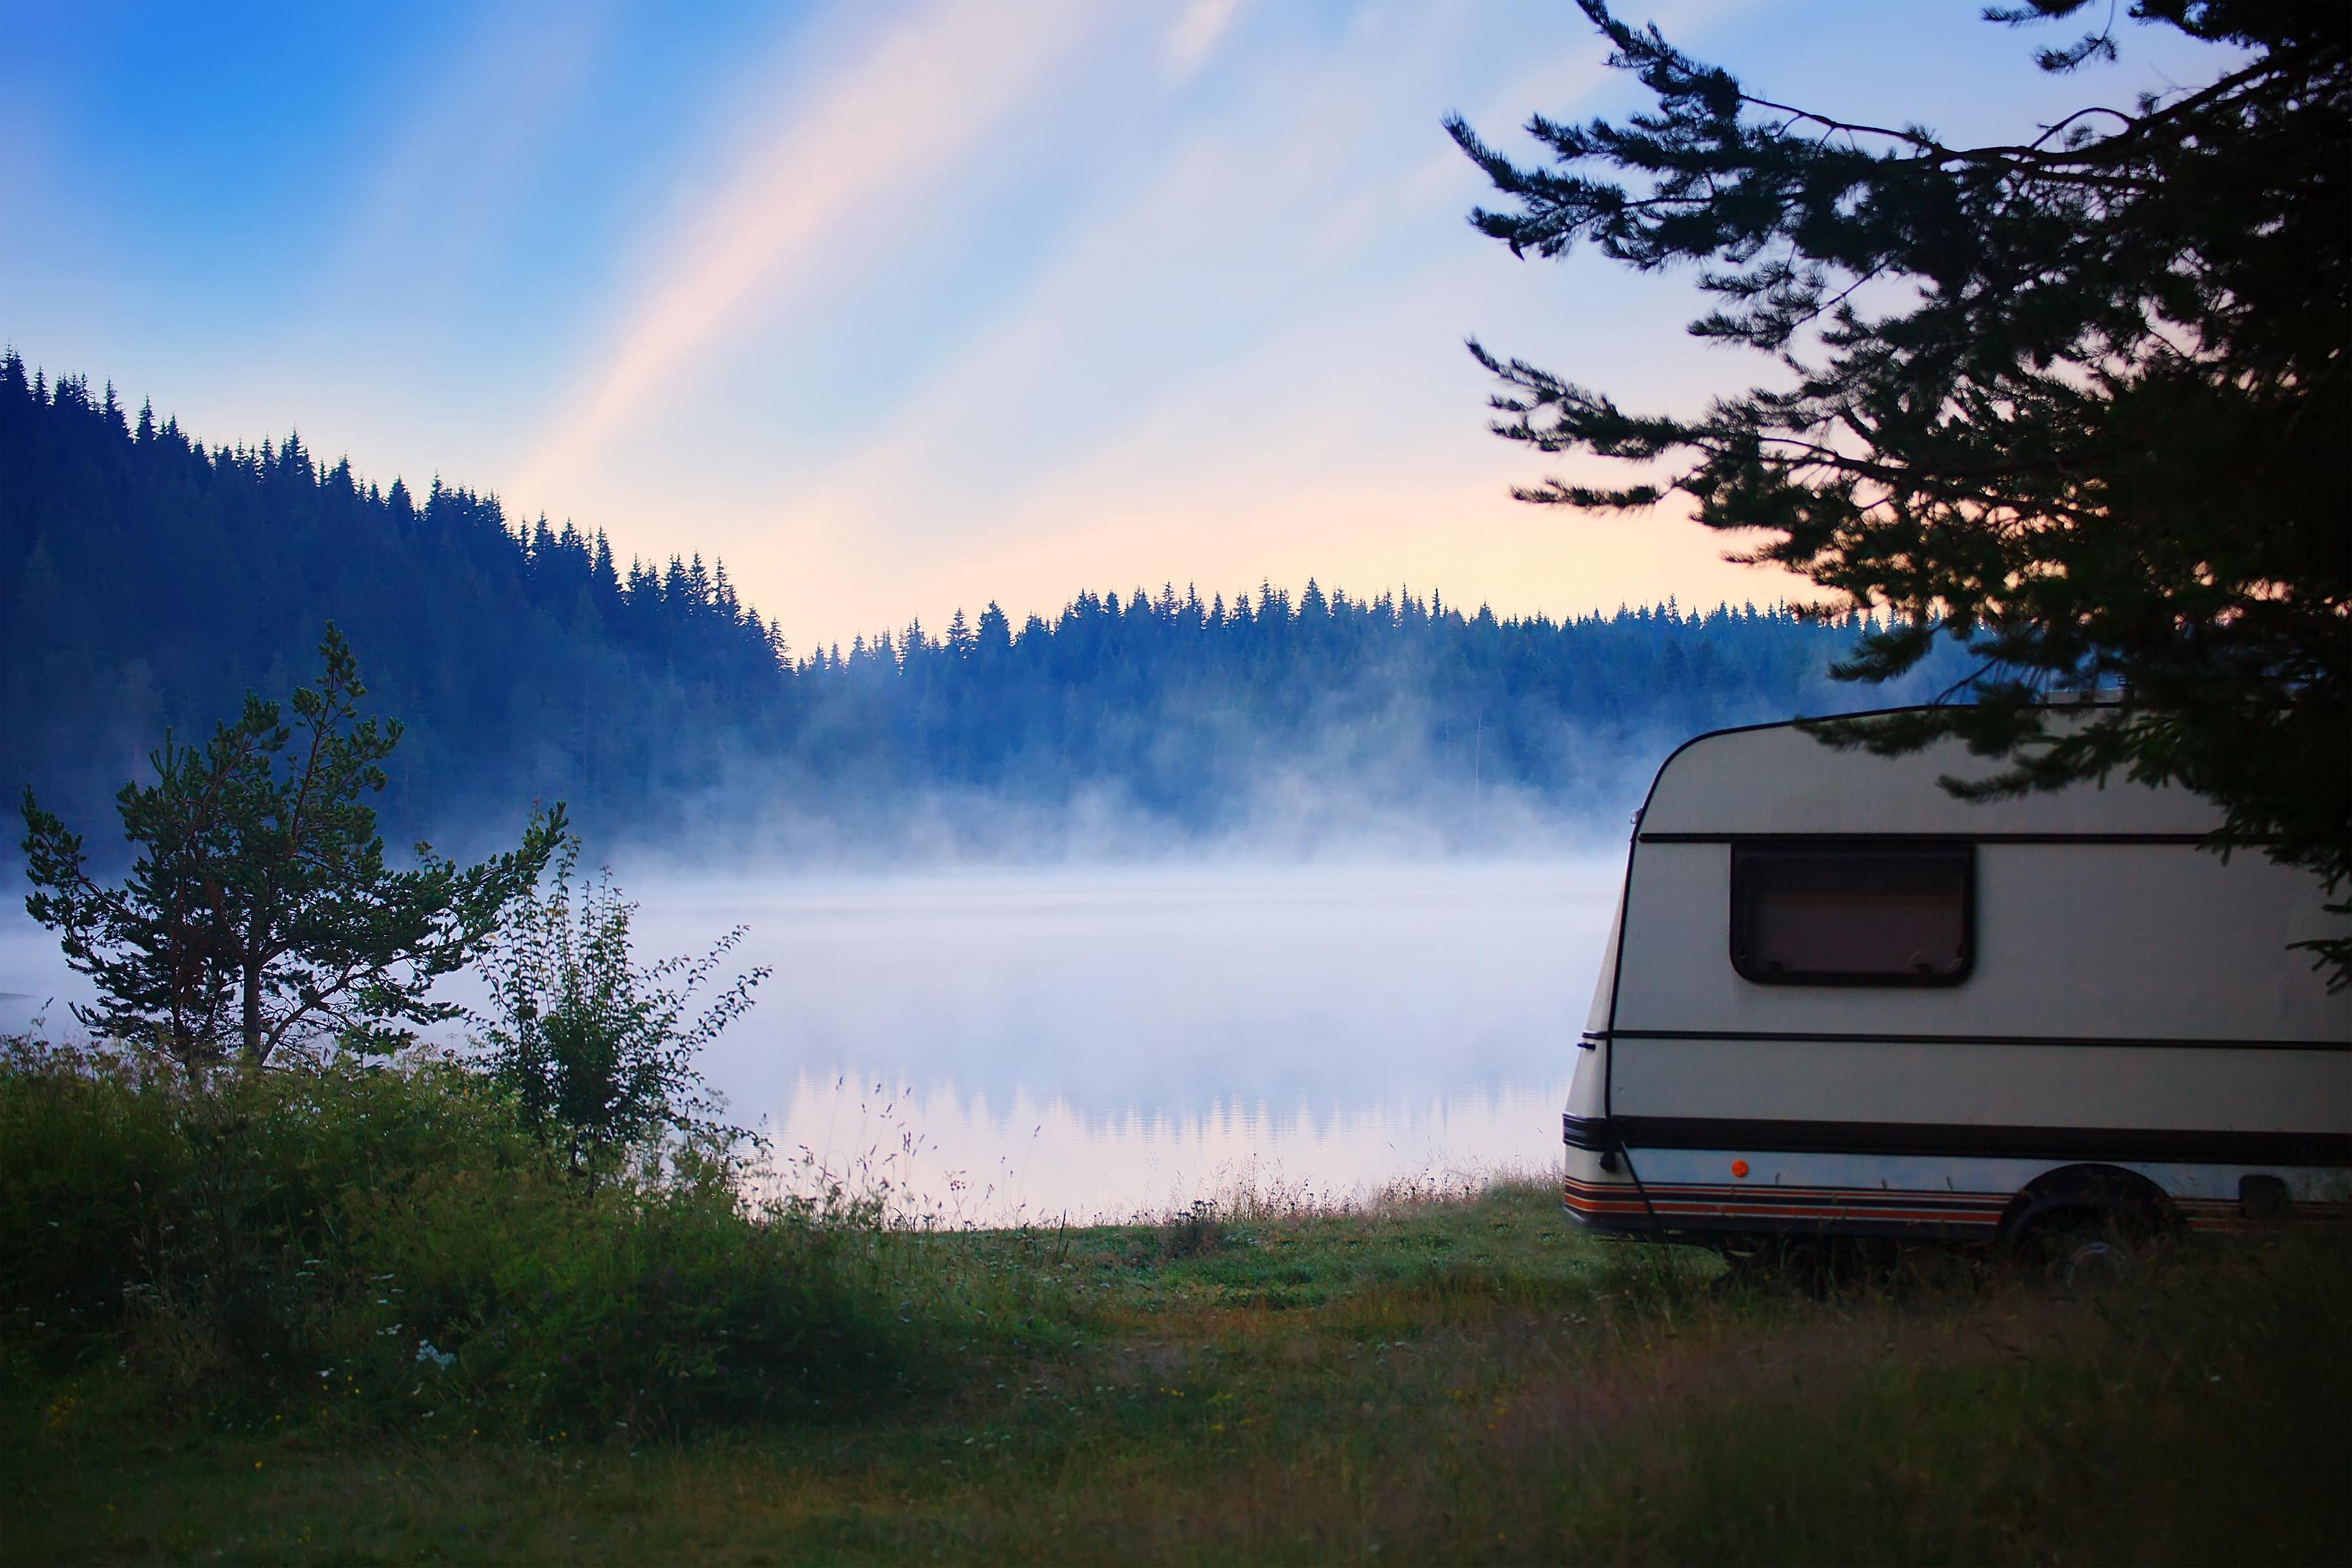 ottawa-rv-parts-camping